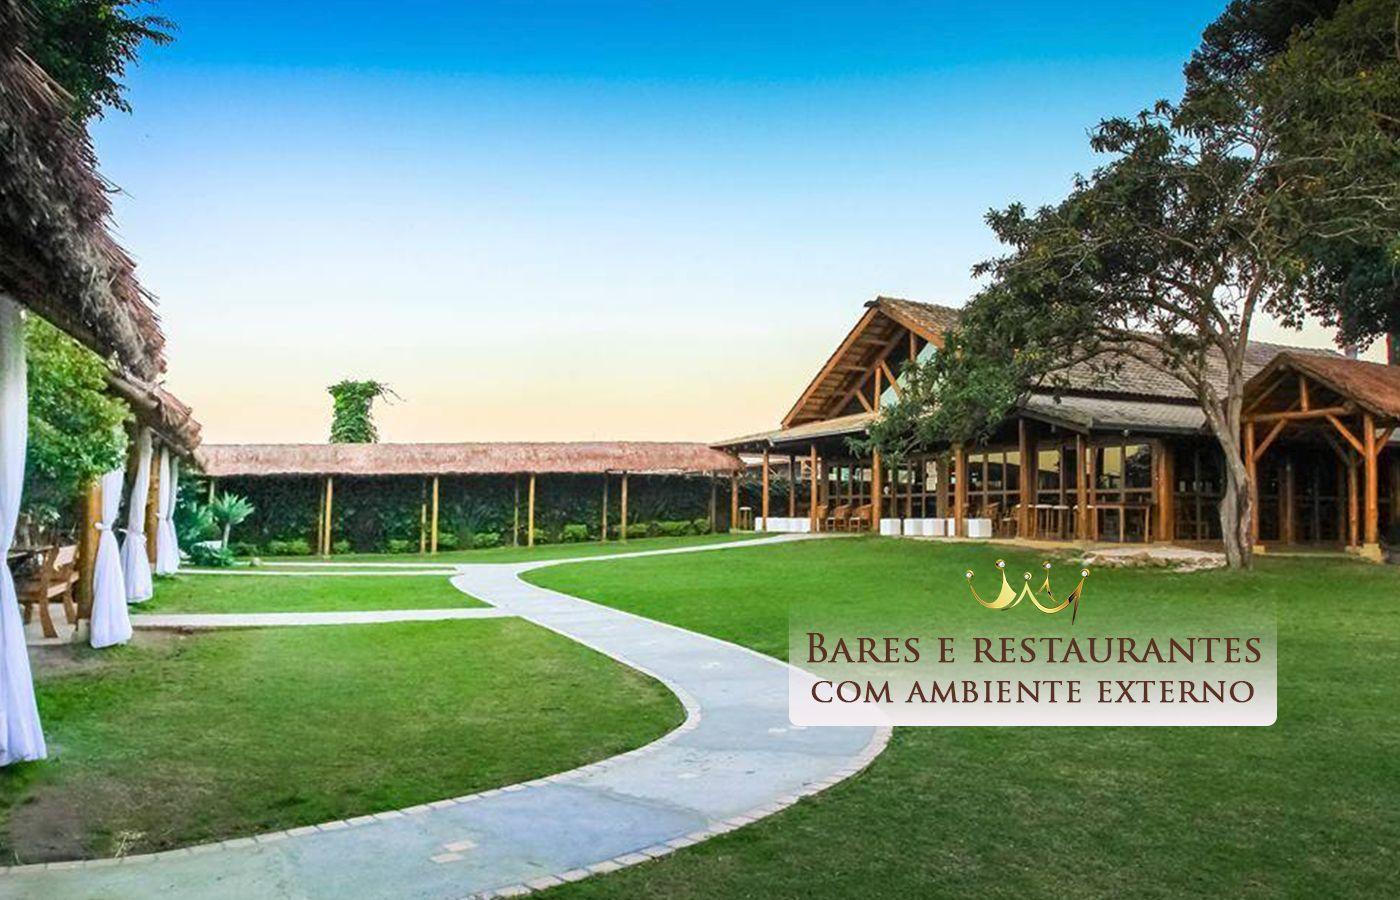 Bares e Restaurantes com ambiente externo em Curitiba